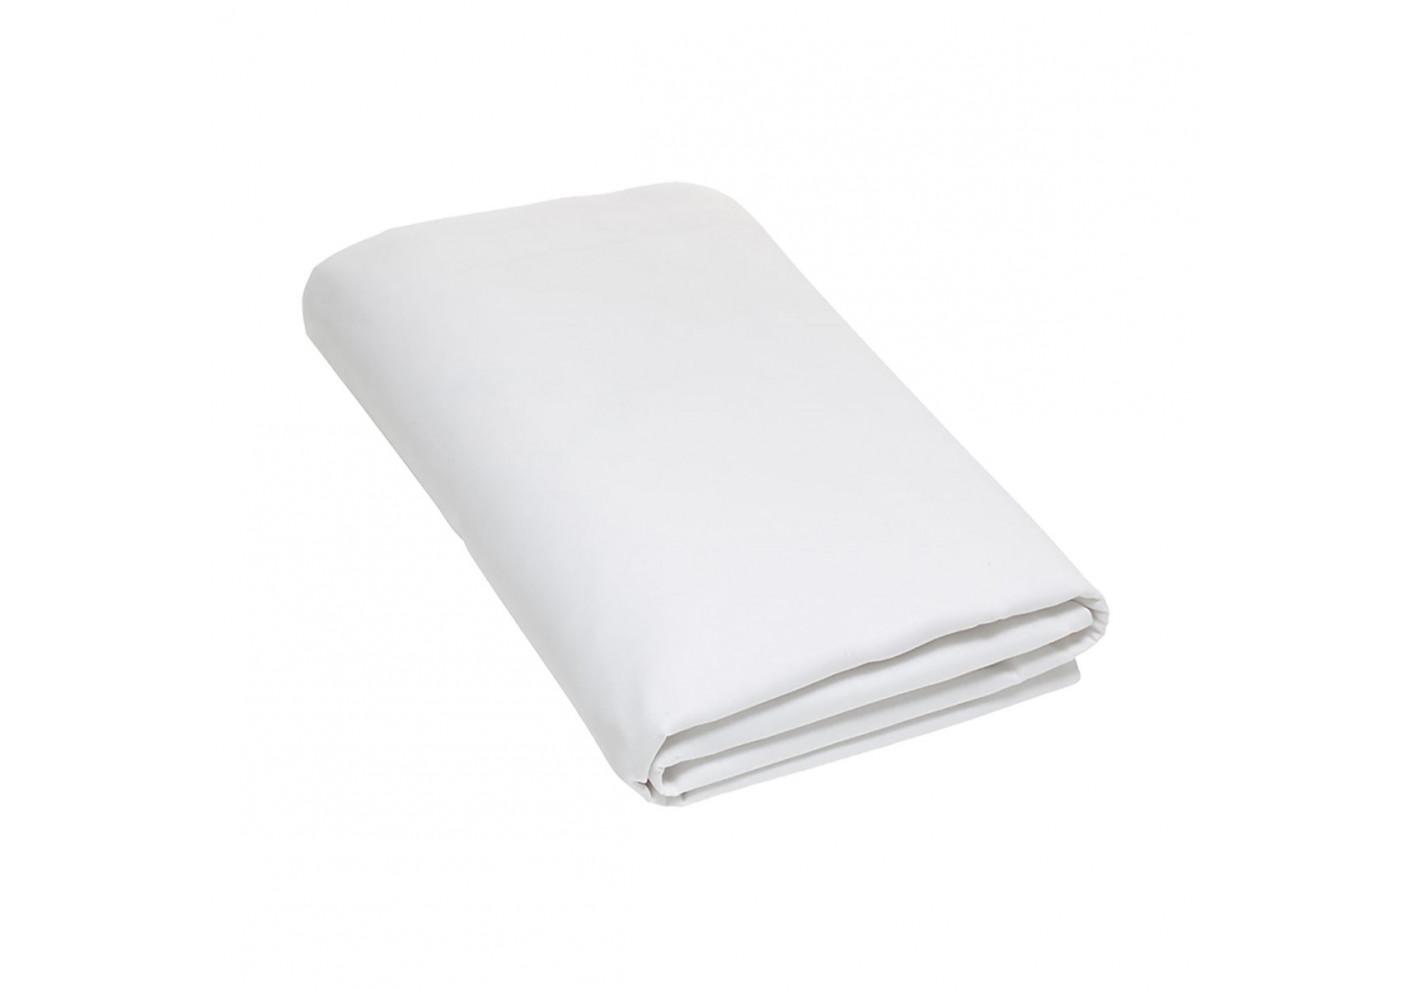 drap plat 270x300 blanc matelas et oreillers literie. Black Bedroom Furniture Sets. Home Design Ideas